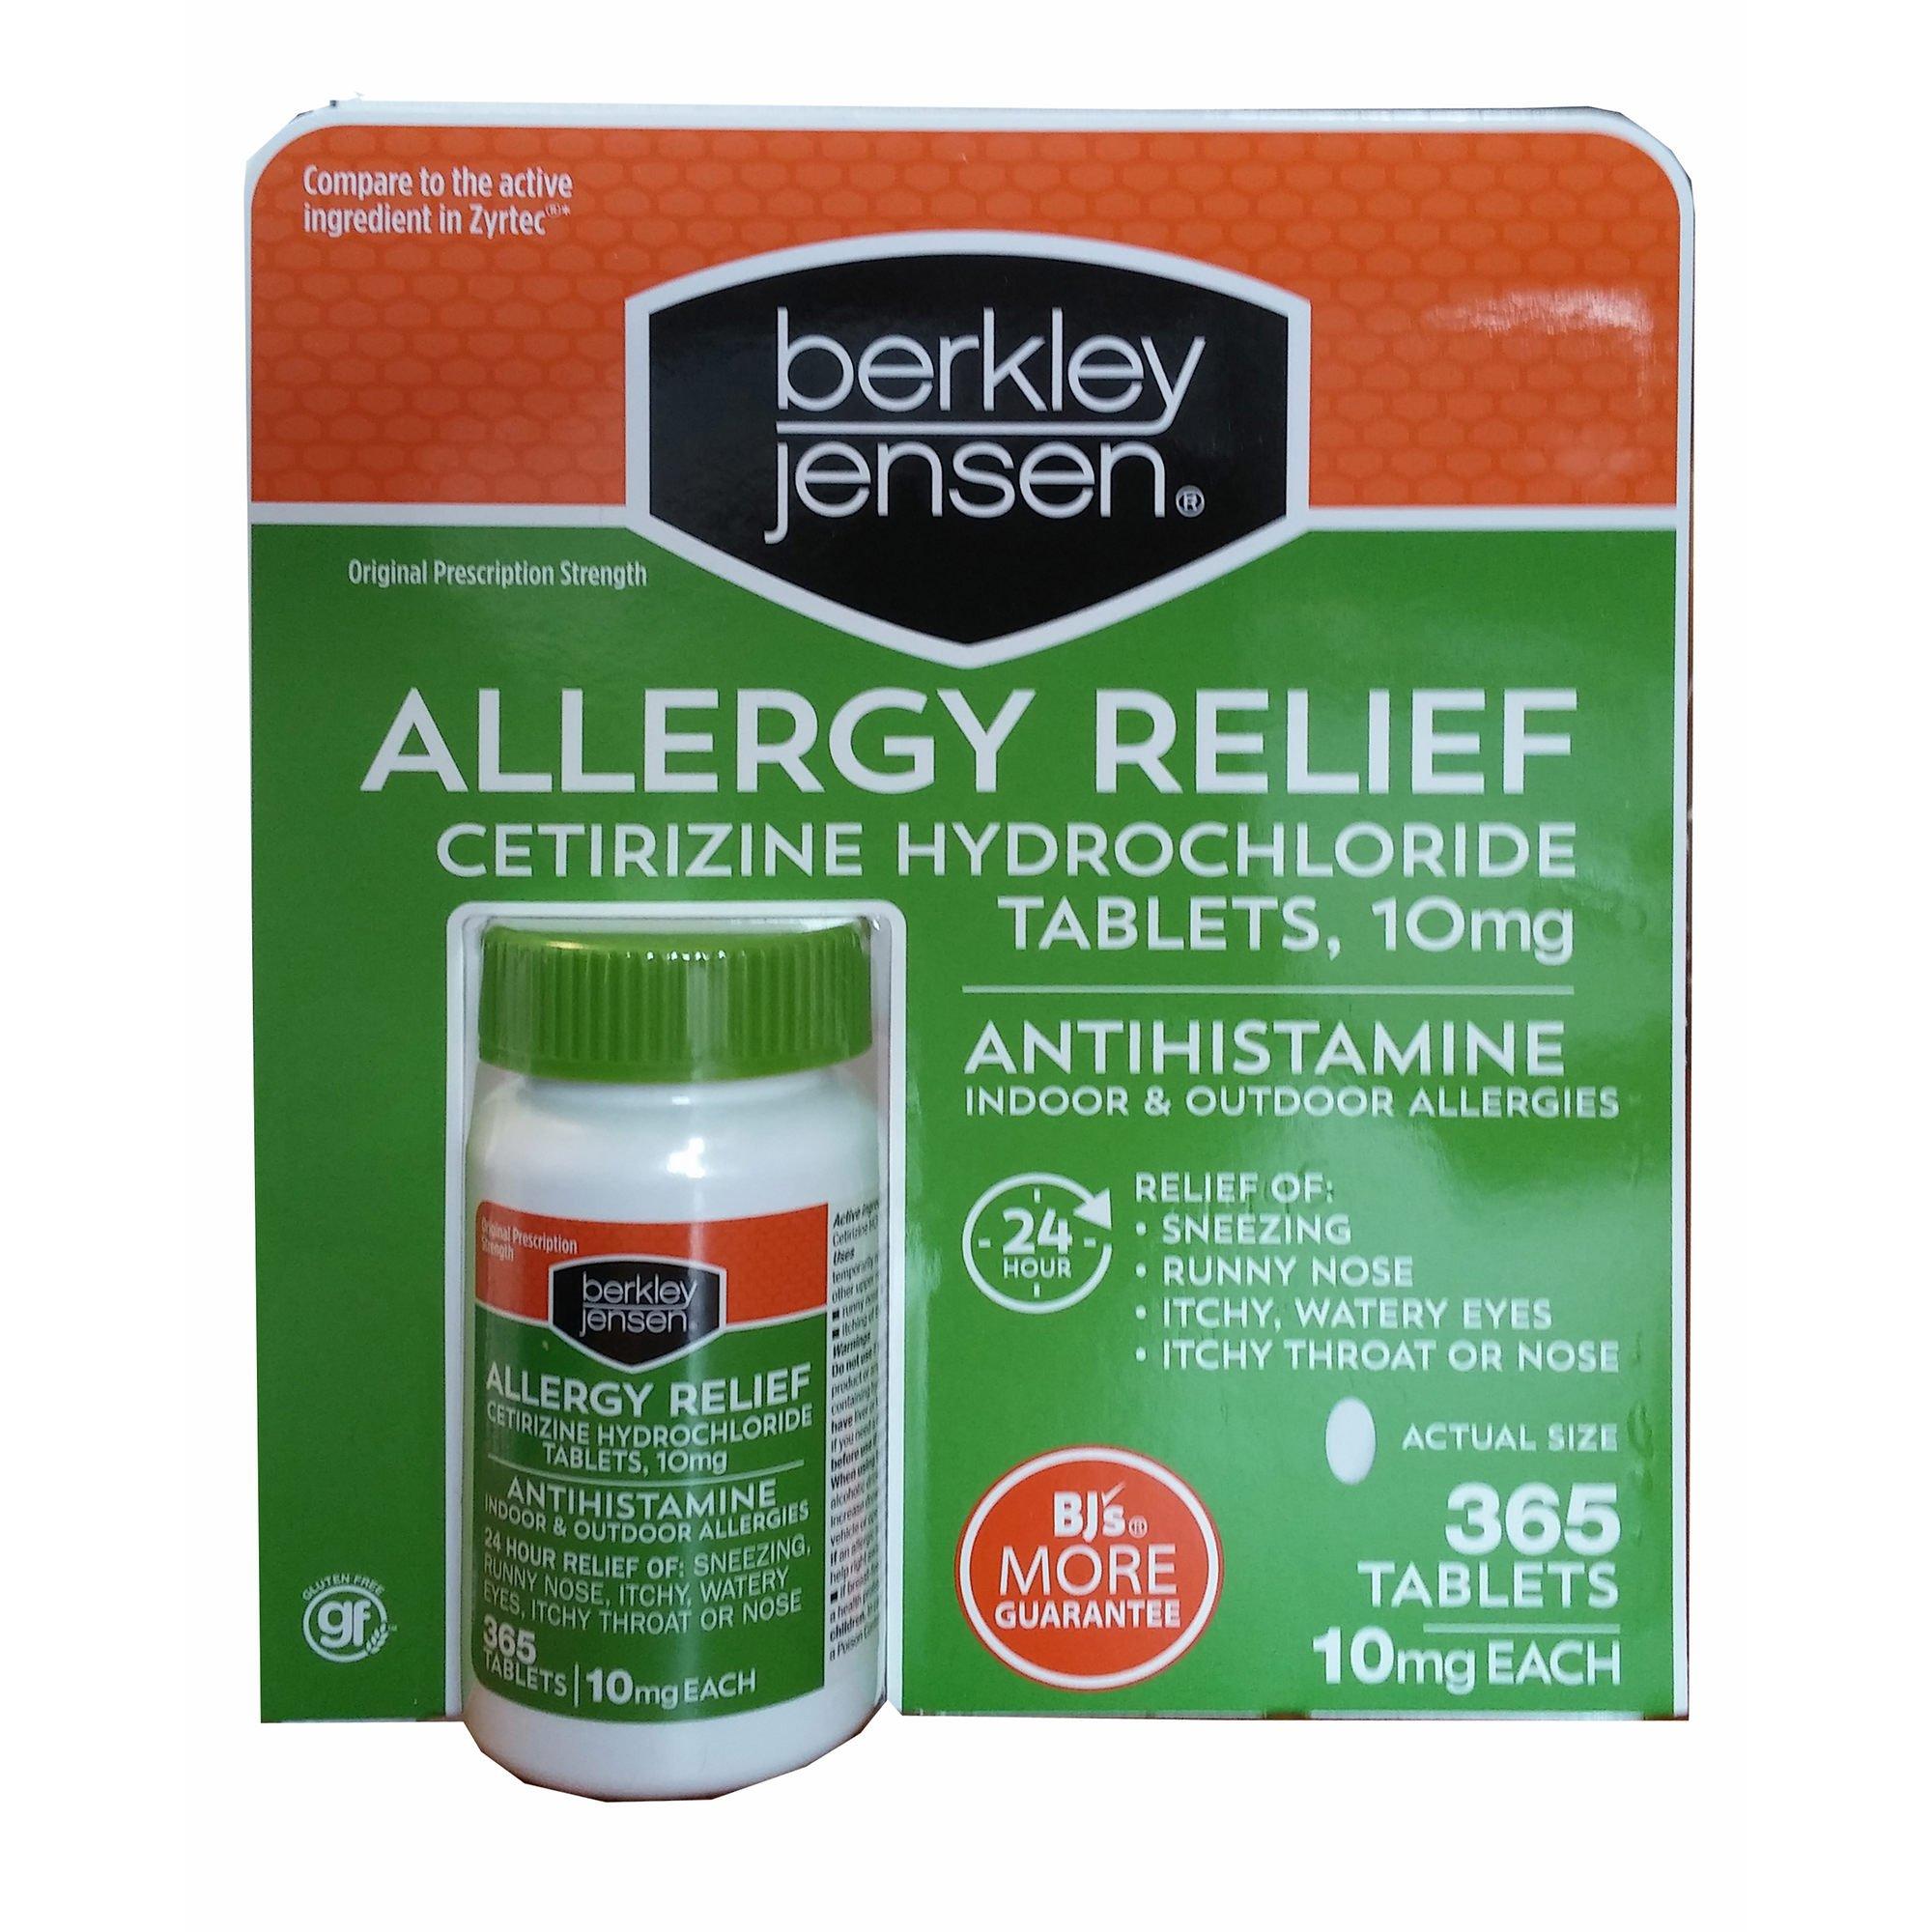 Berkley Jensen Allergy Relief, 365 ct. (pack of 6)